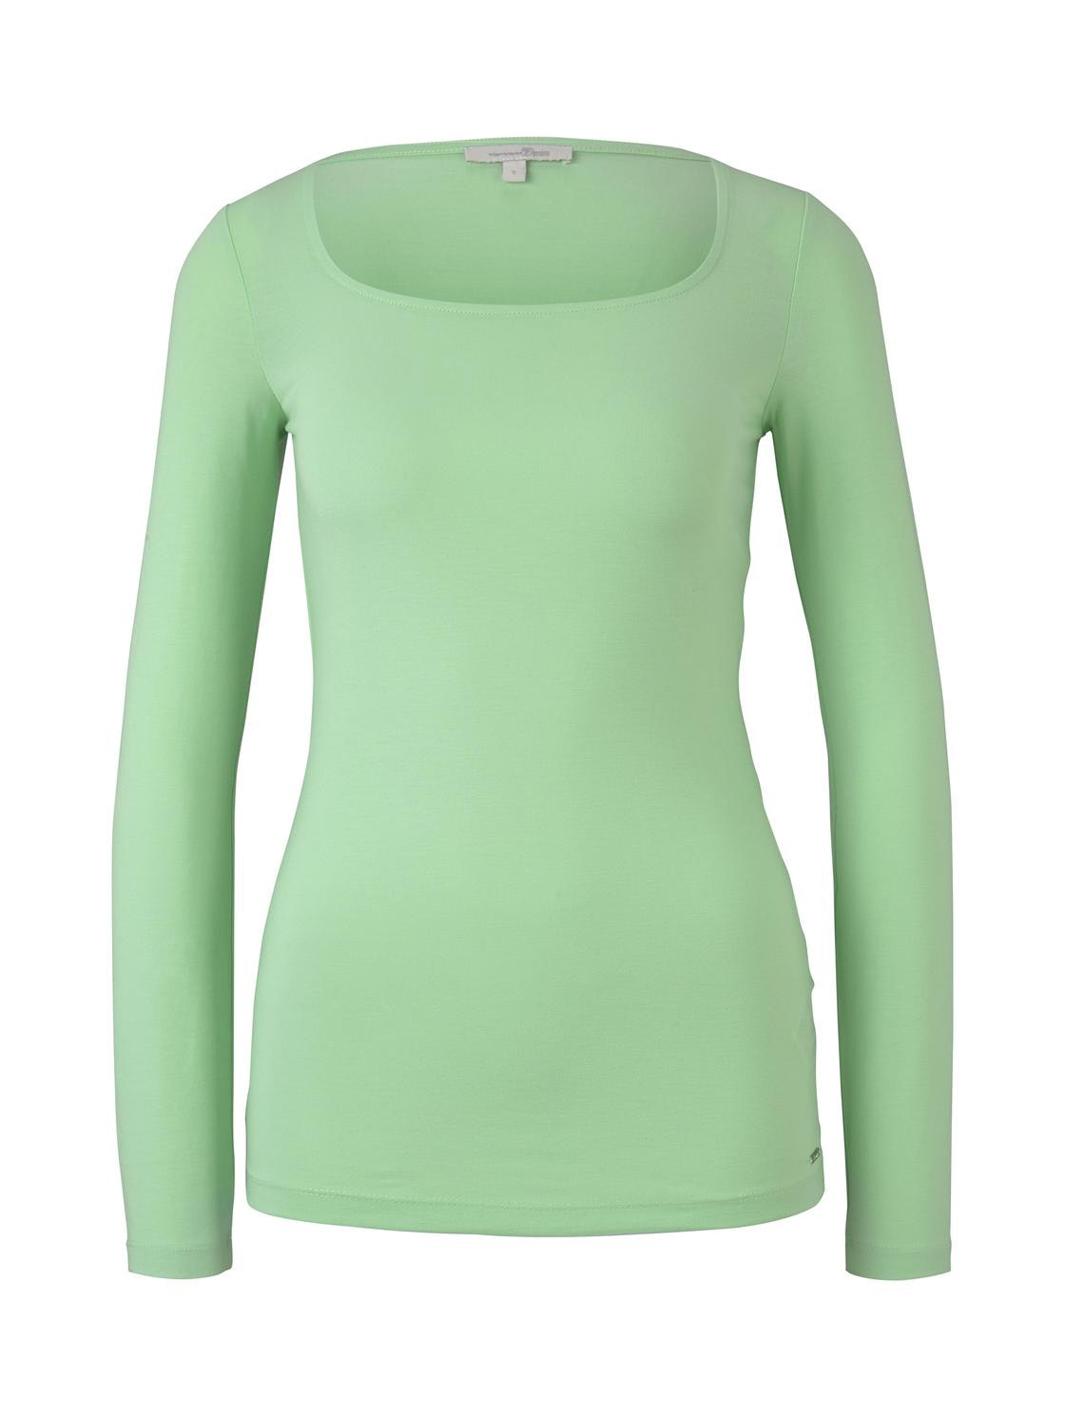 Tom Tailor Shirt mit Carree-Ausschnitt grün